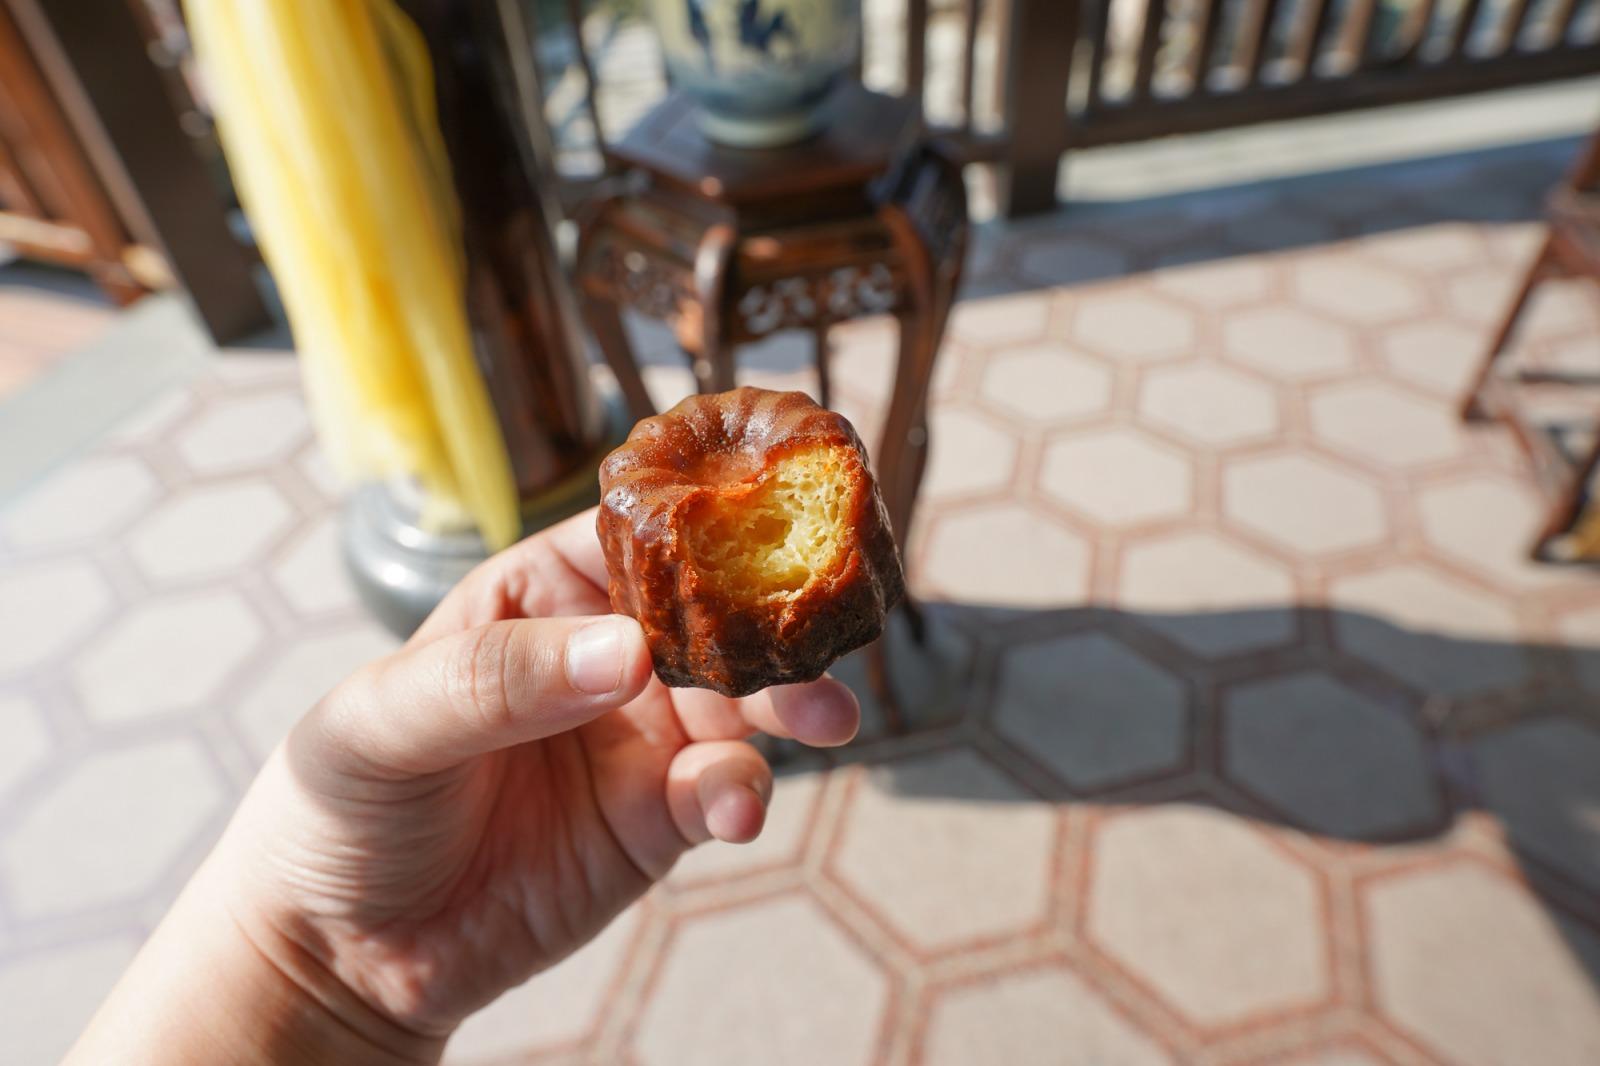 過年禮盒》不要再送肉乾了!維多麗亞酒店推出新春甜點禮盒,新年主題馬卡龍、可麗露,讓人完全捨不得吃~!